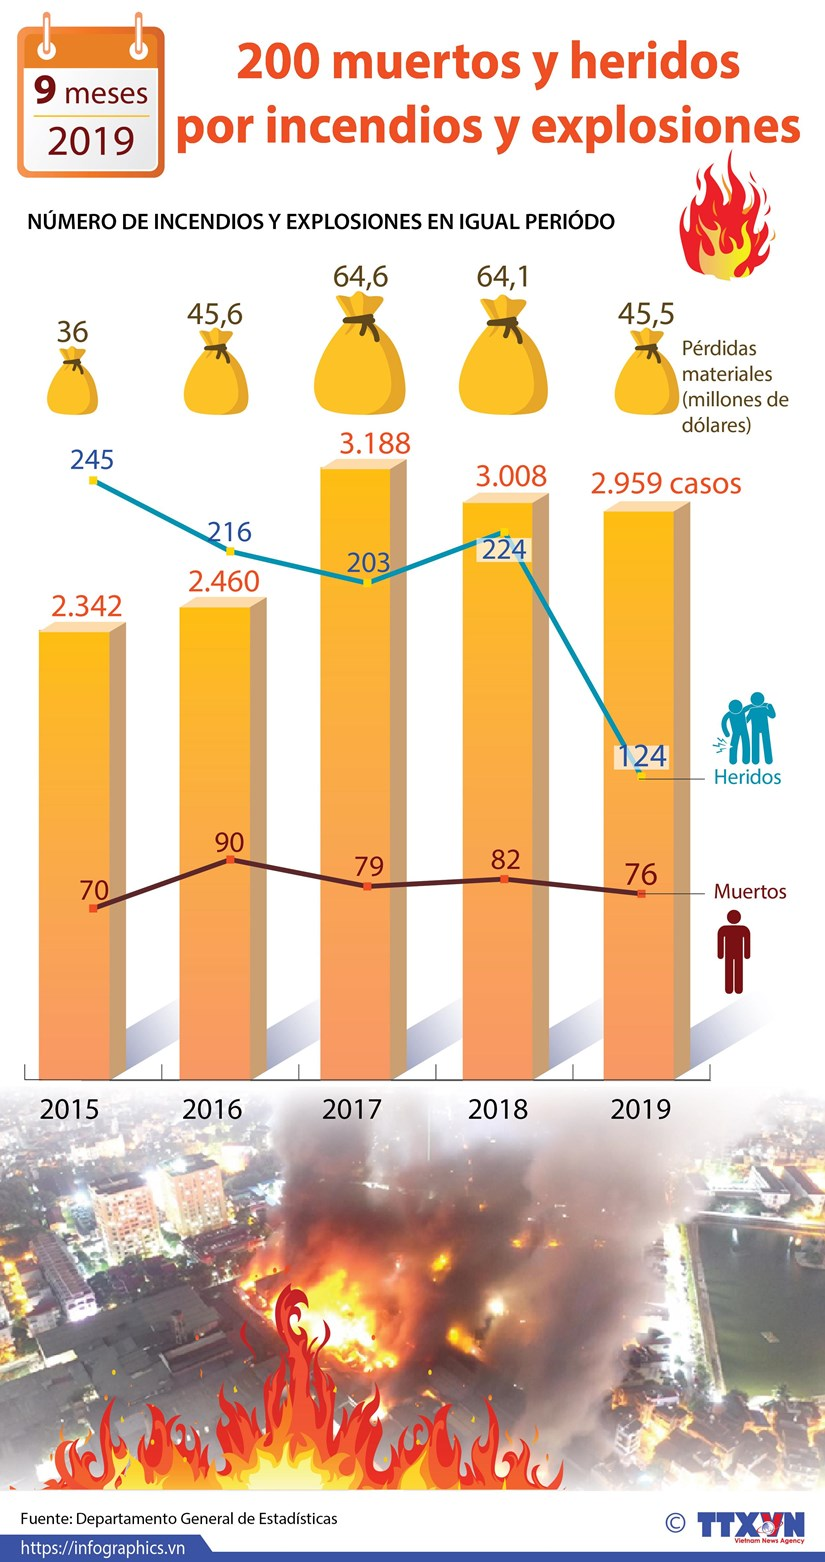 [Infografia] Registran Vietnam 200 muertos y heridos por incendios y explosiones en 9 meses hinh anh 1